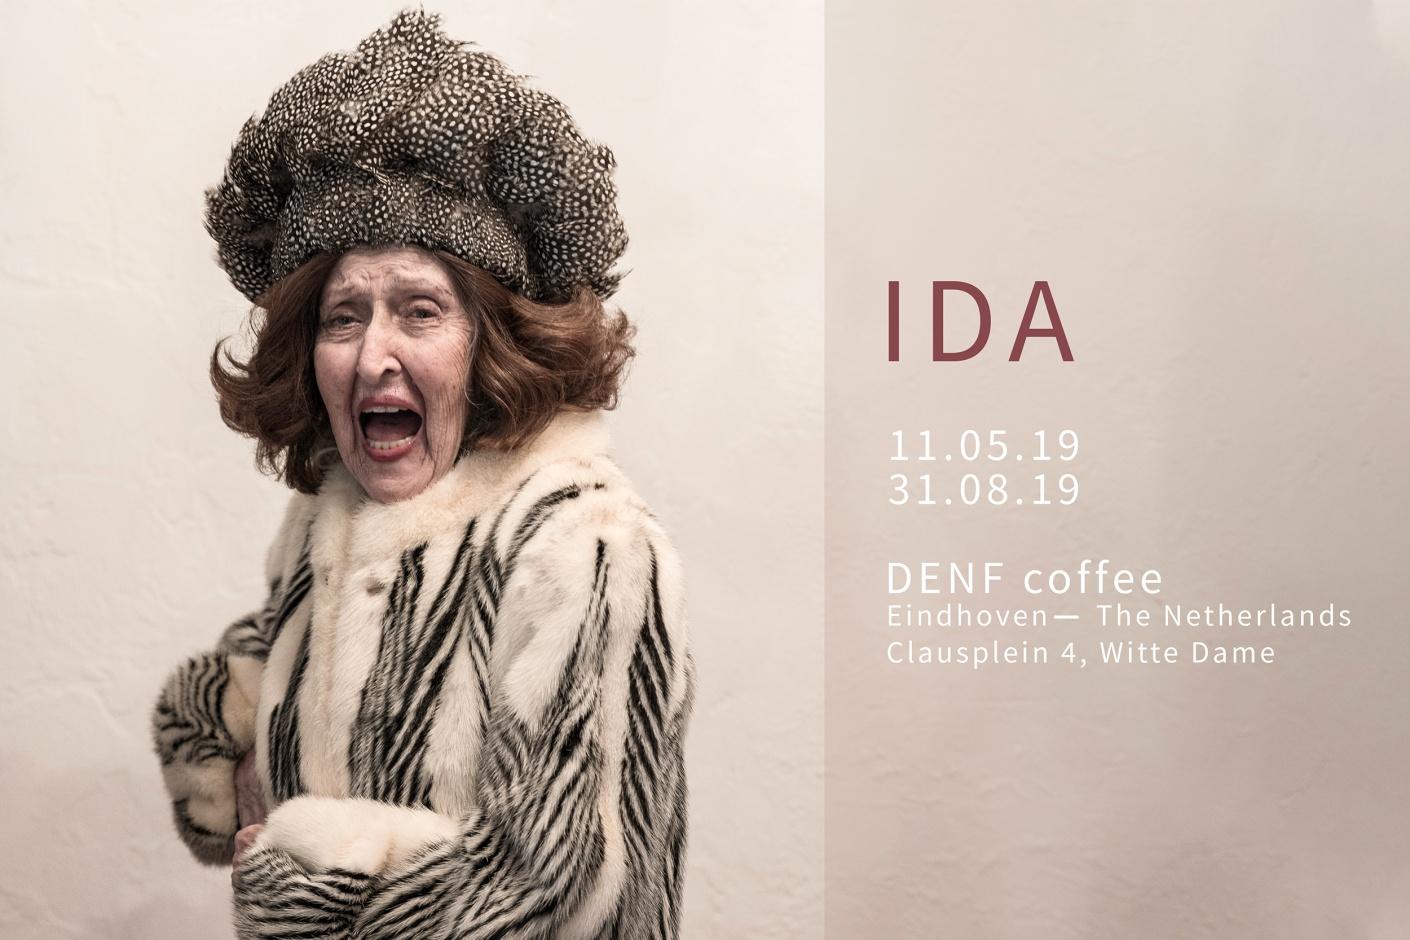 Jelle Pieter de Boer Ida Haendel